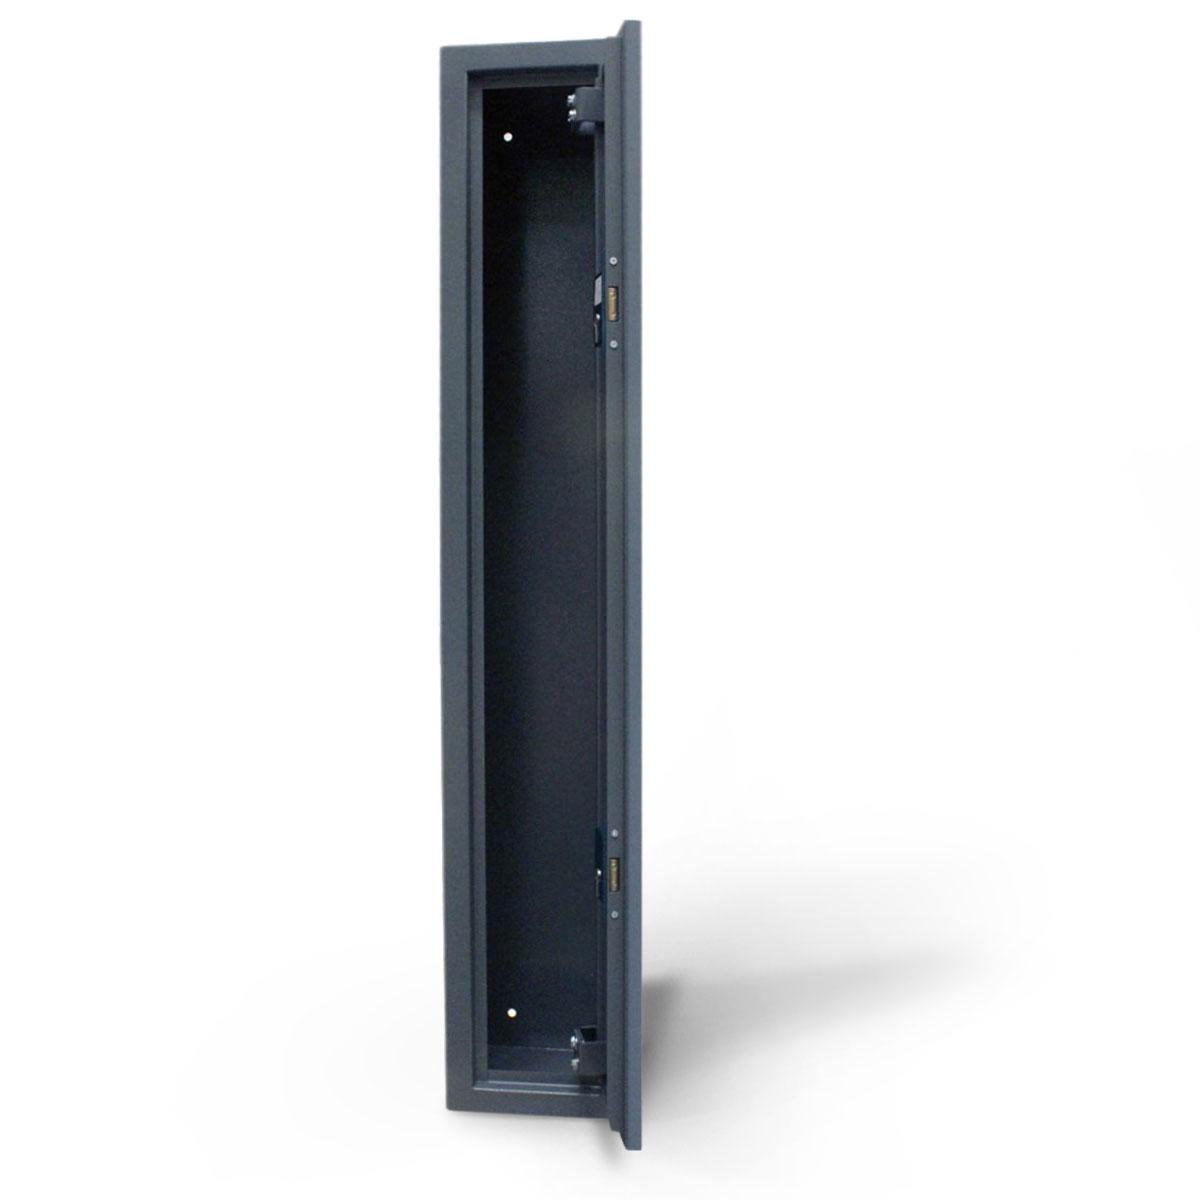 3 Gun Shotgun Cabinet Shotgun Storage Cabinets From Safeaway